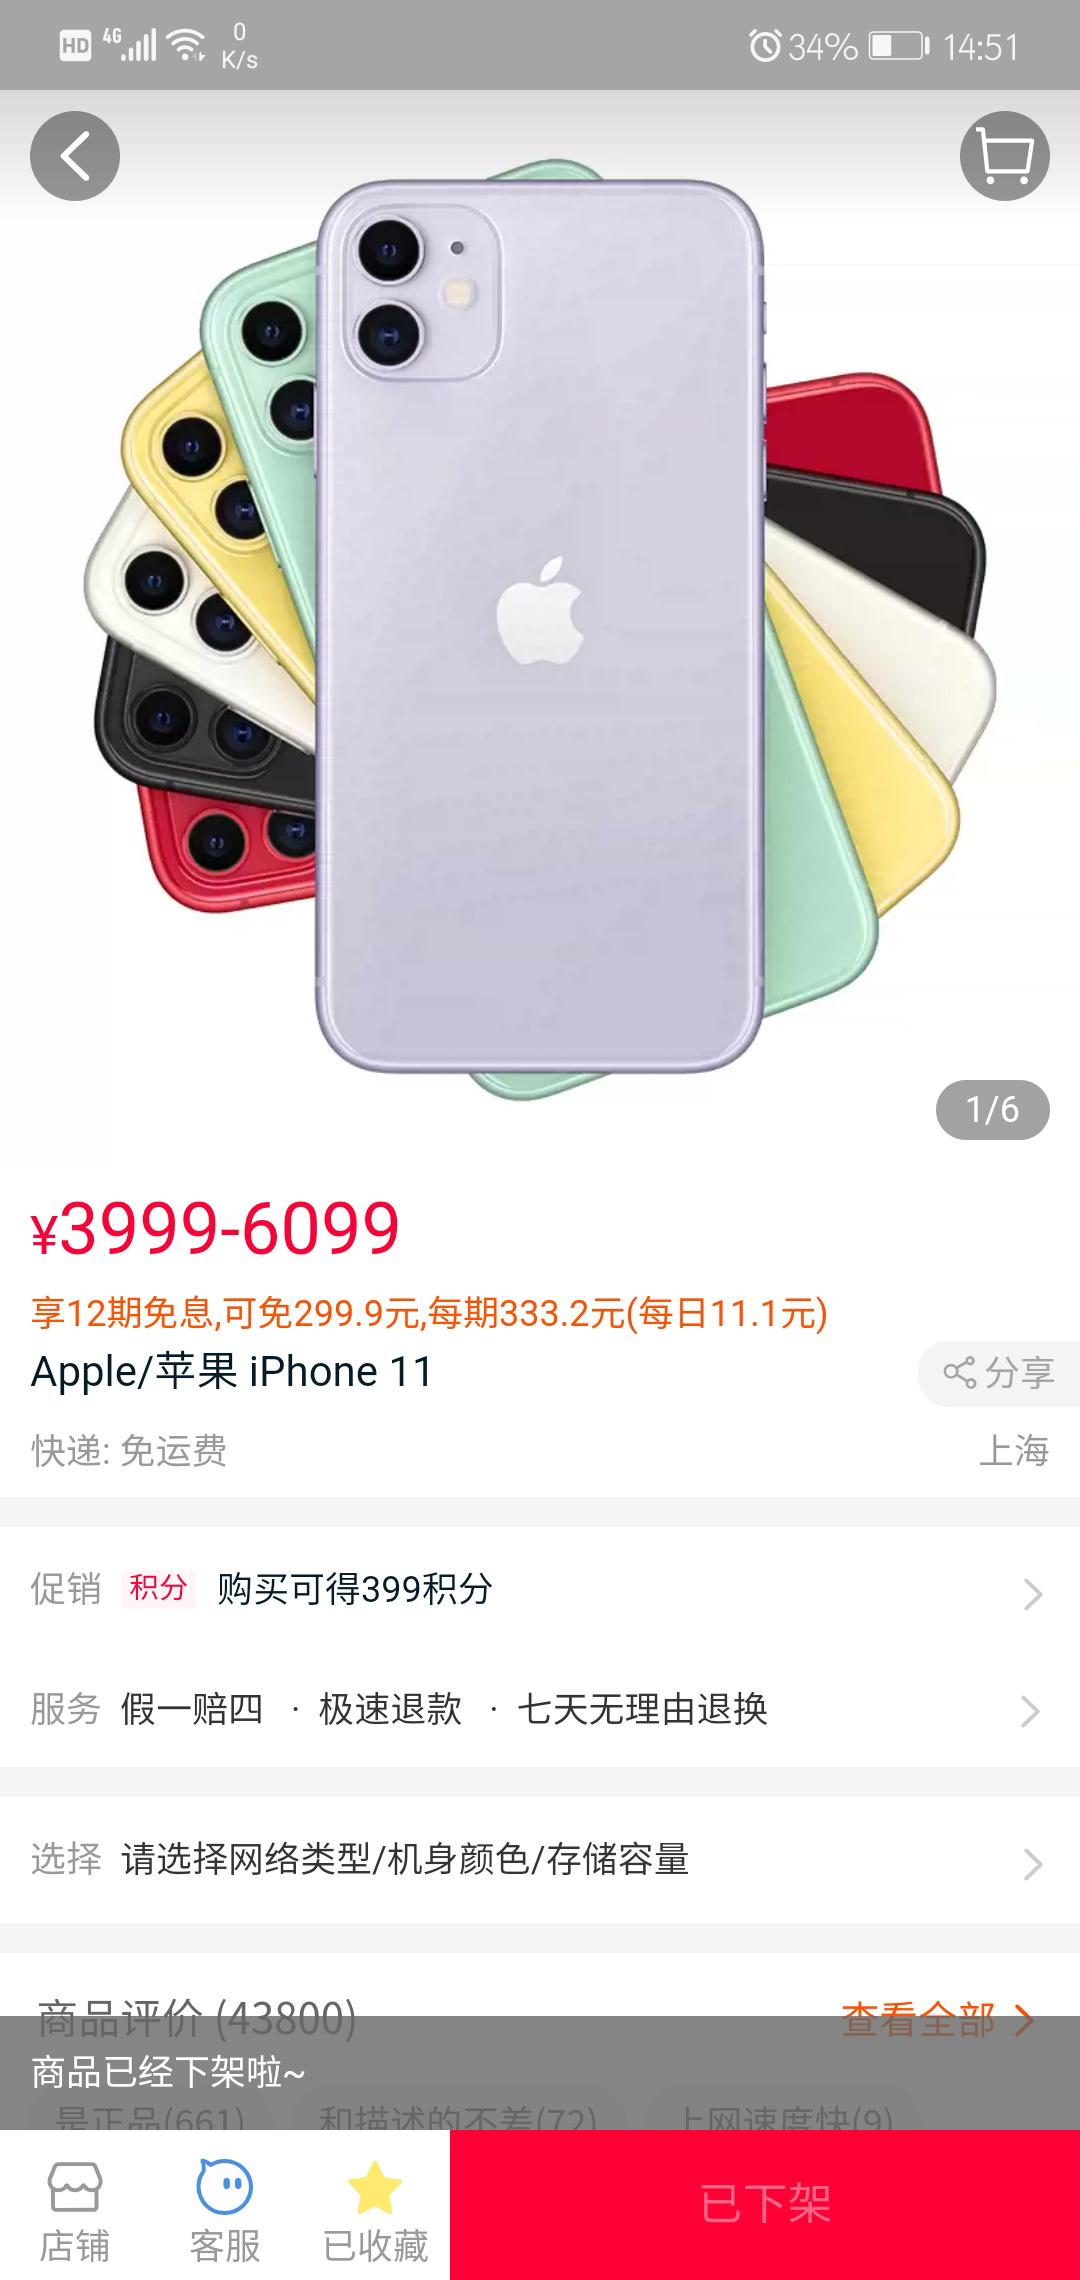 苹果天猫 Apple Store 官方旗舰店已下架 iPhone 11 手机